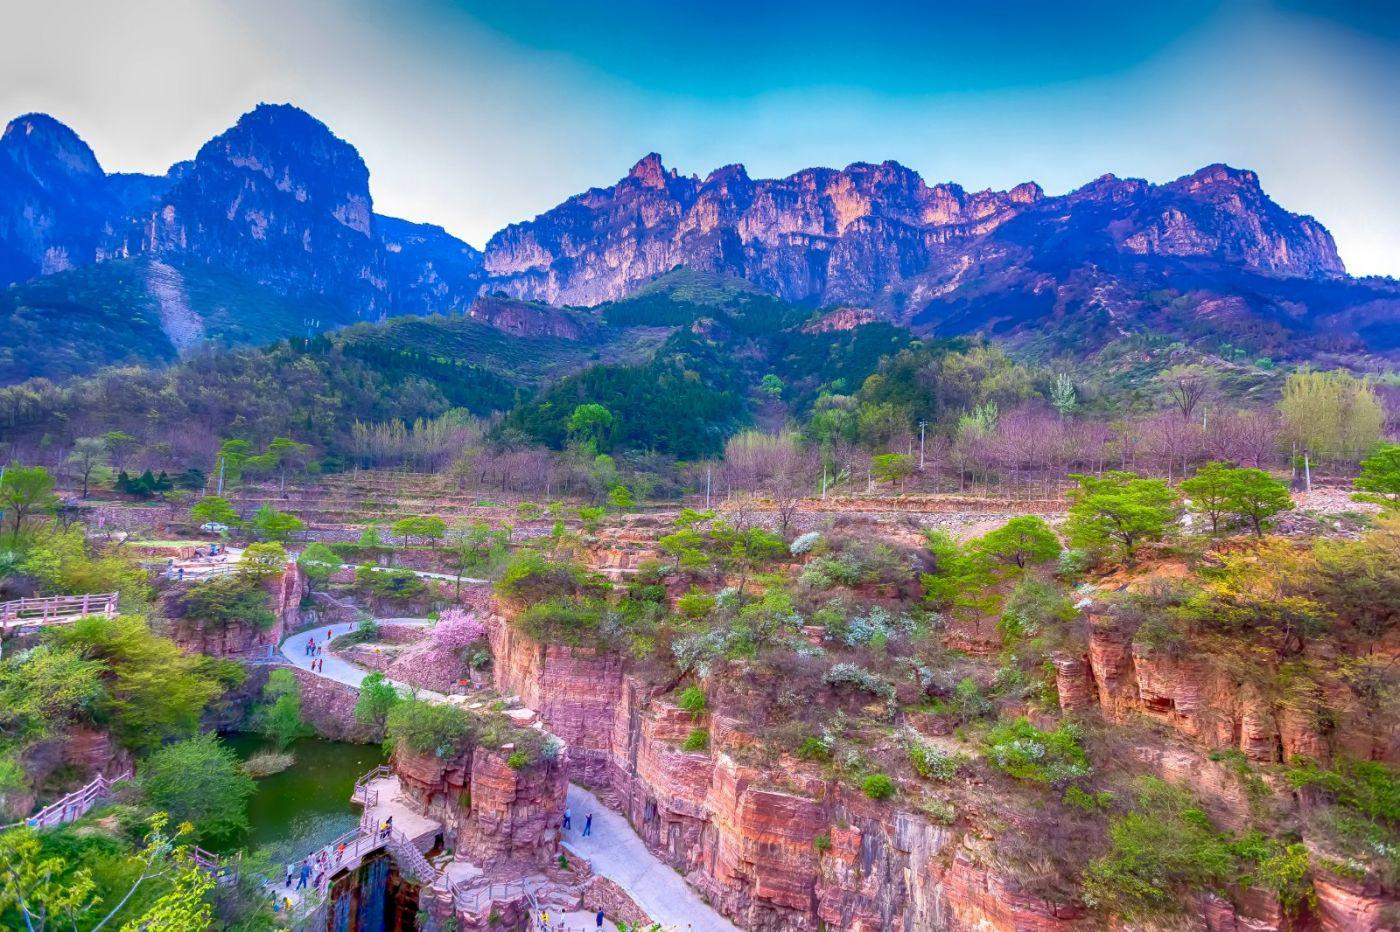 崖壁上的古村落 郭亮村 绝处也有风景_图1-12